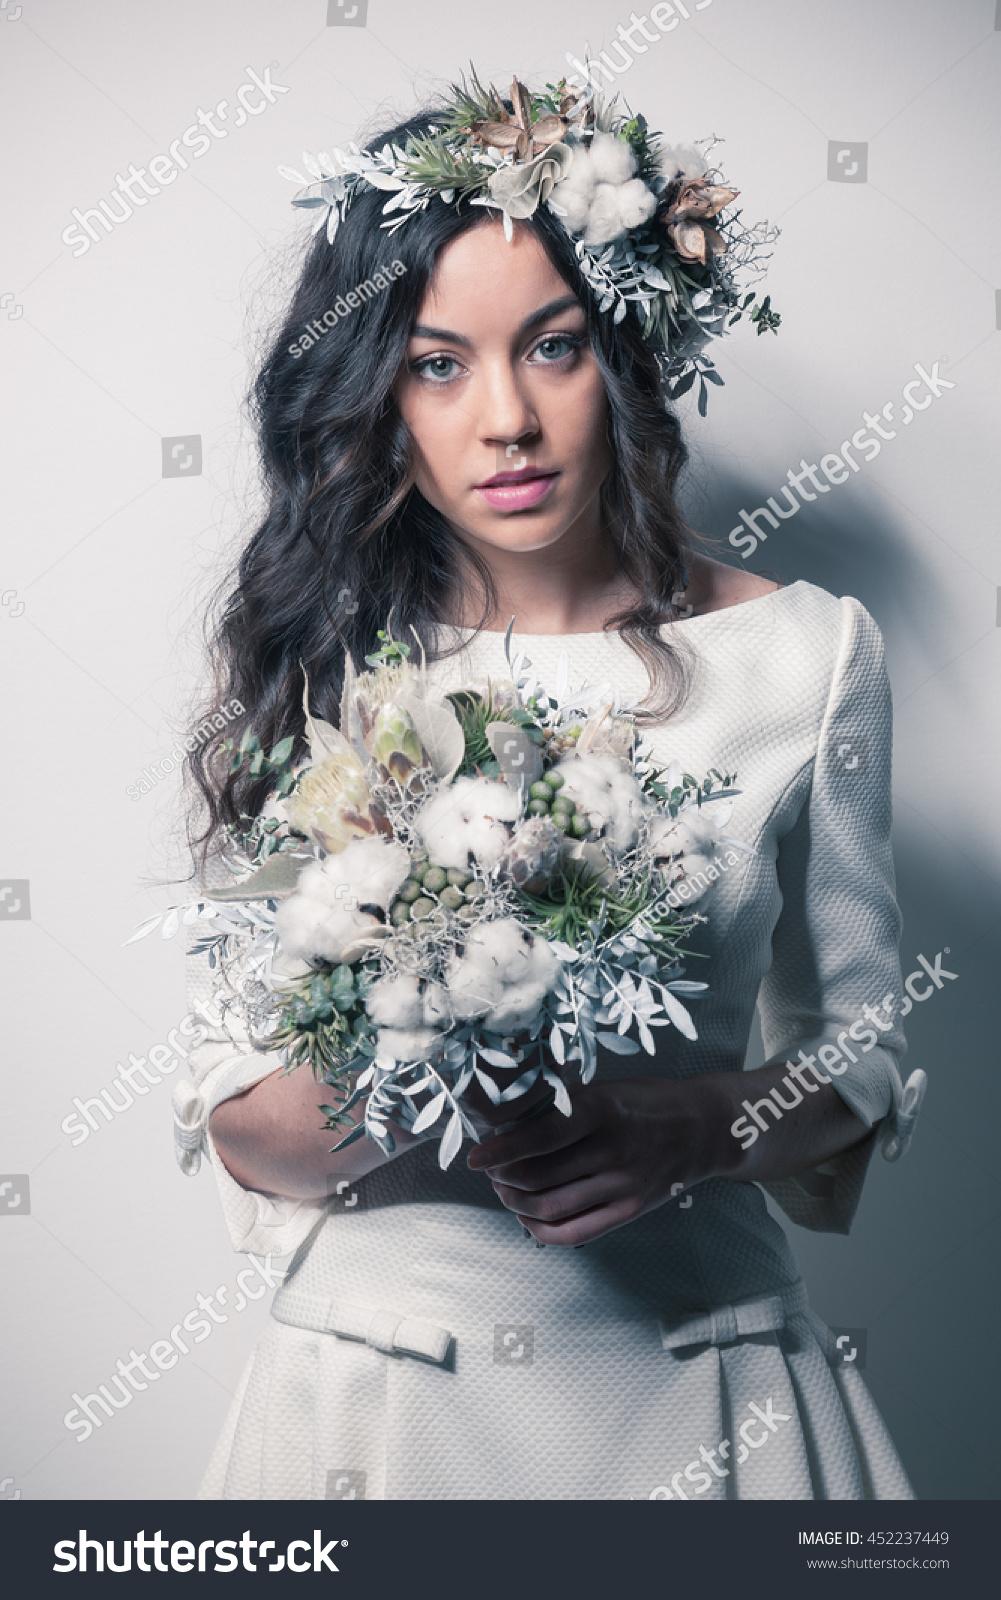 Bride winter inspired bouquet flower crown stock photo edit now bride with winter inspired bouquet and flower crown izmirmasajfo